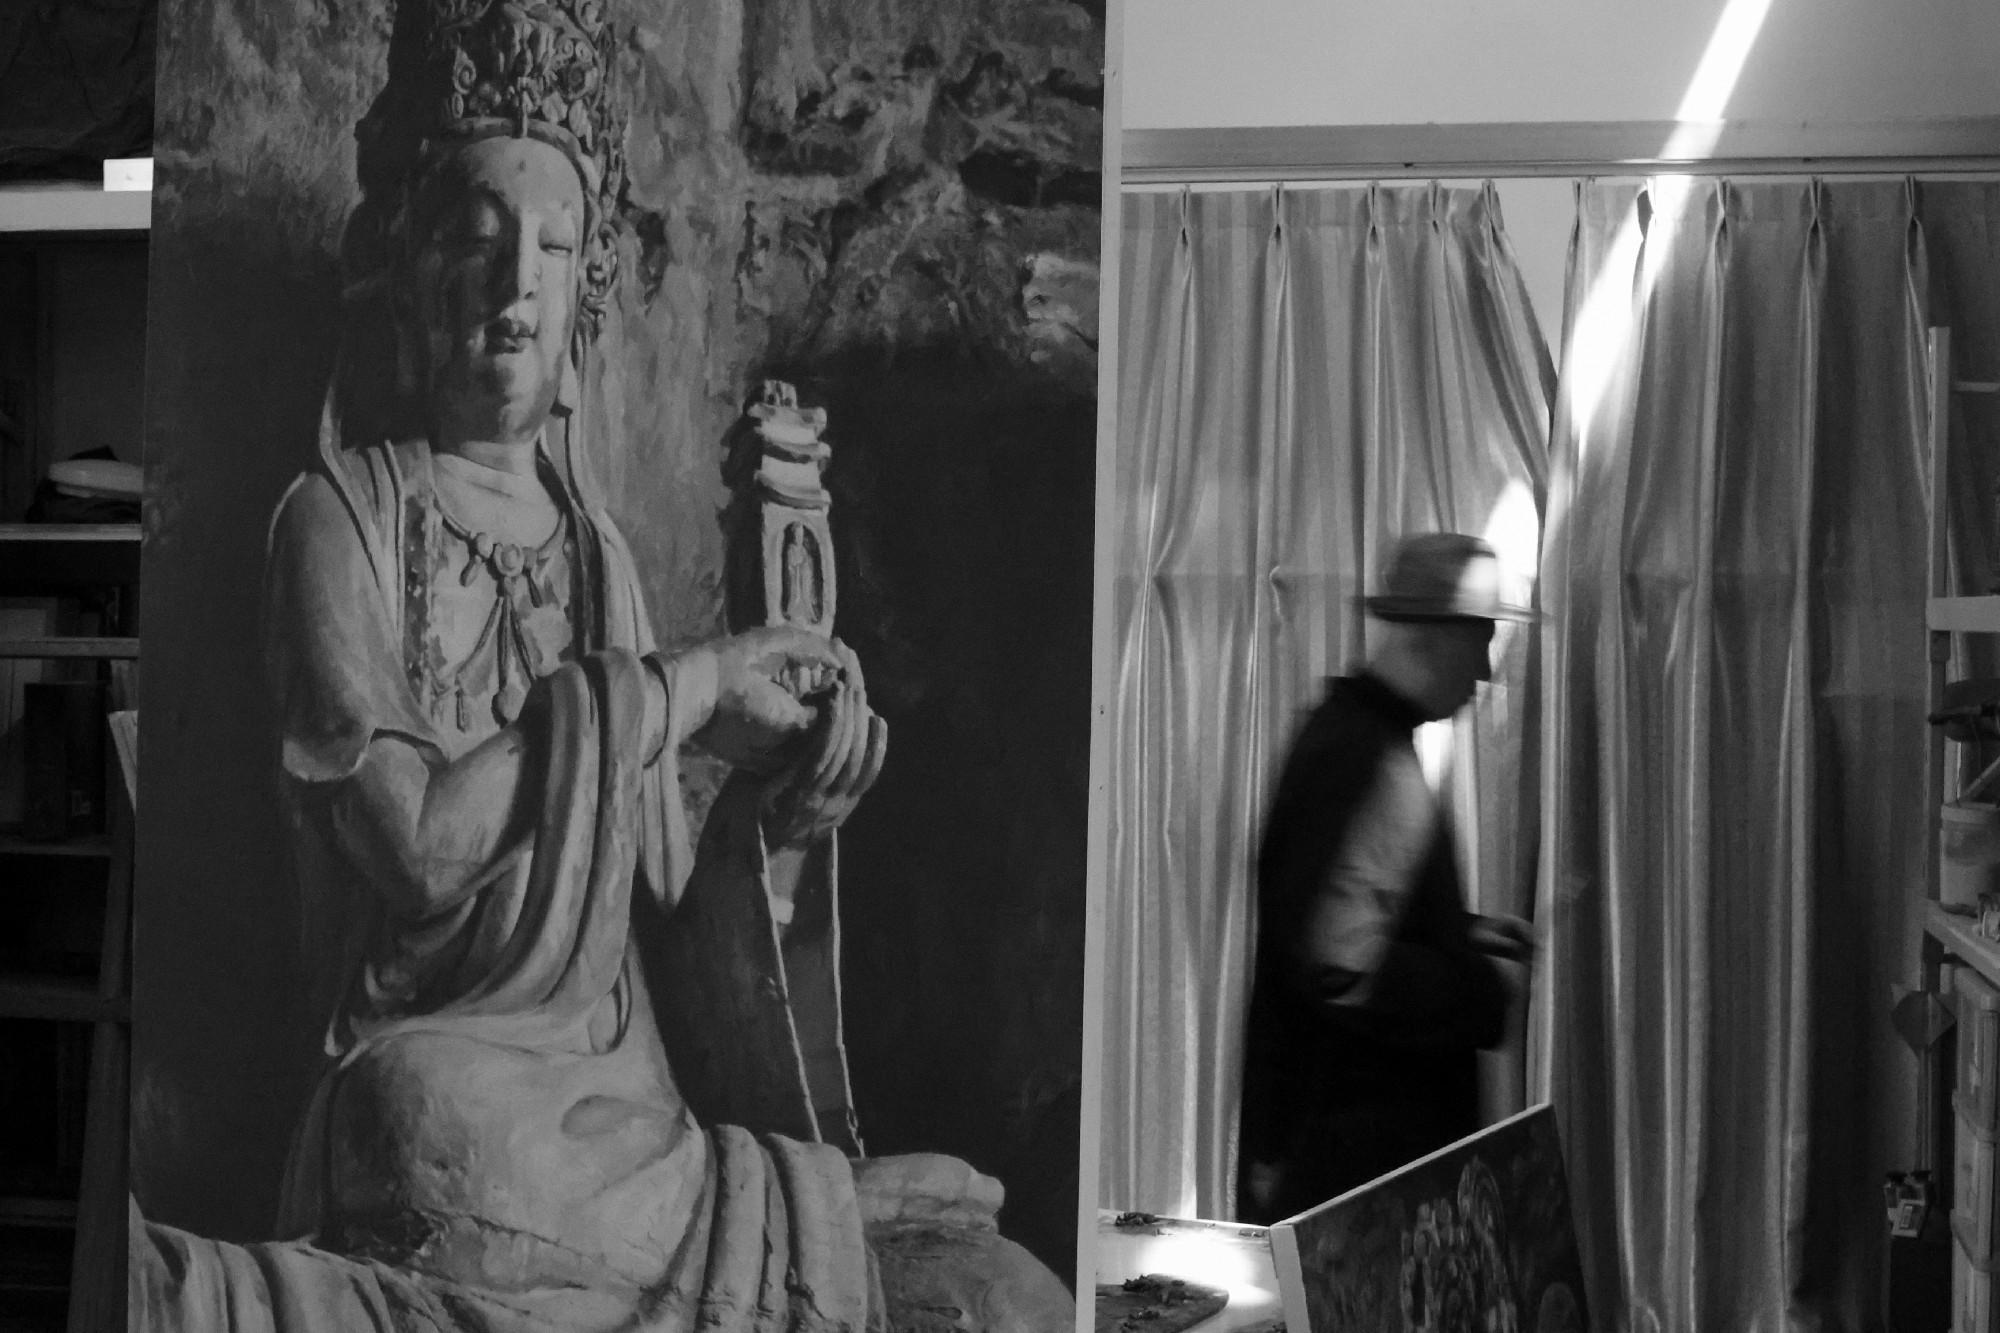 流动的石窟 艺术家霍季民为民族文化自信做出巨大贡献